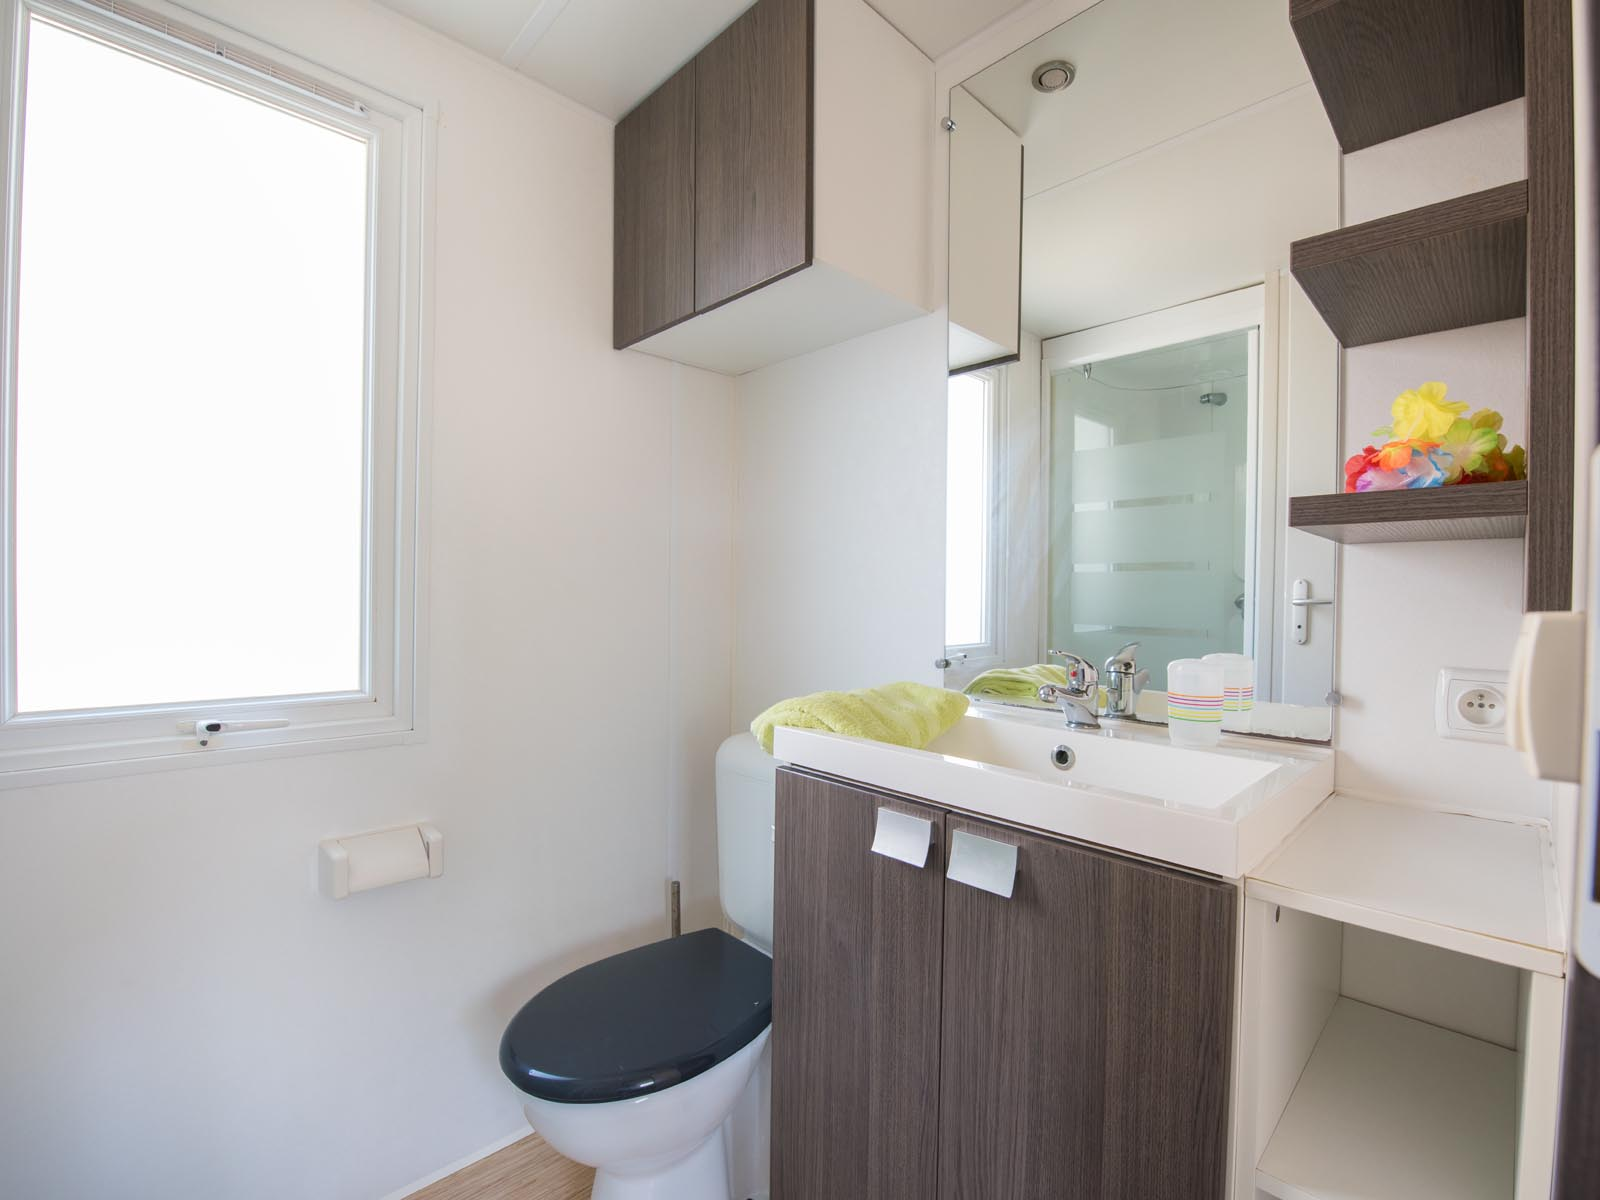 Salle de bain de cottage